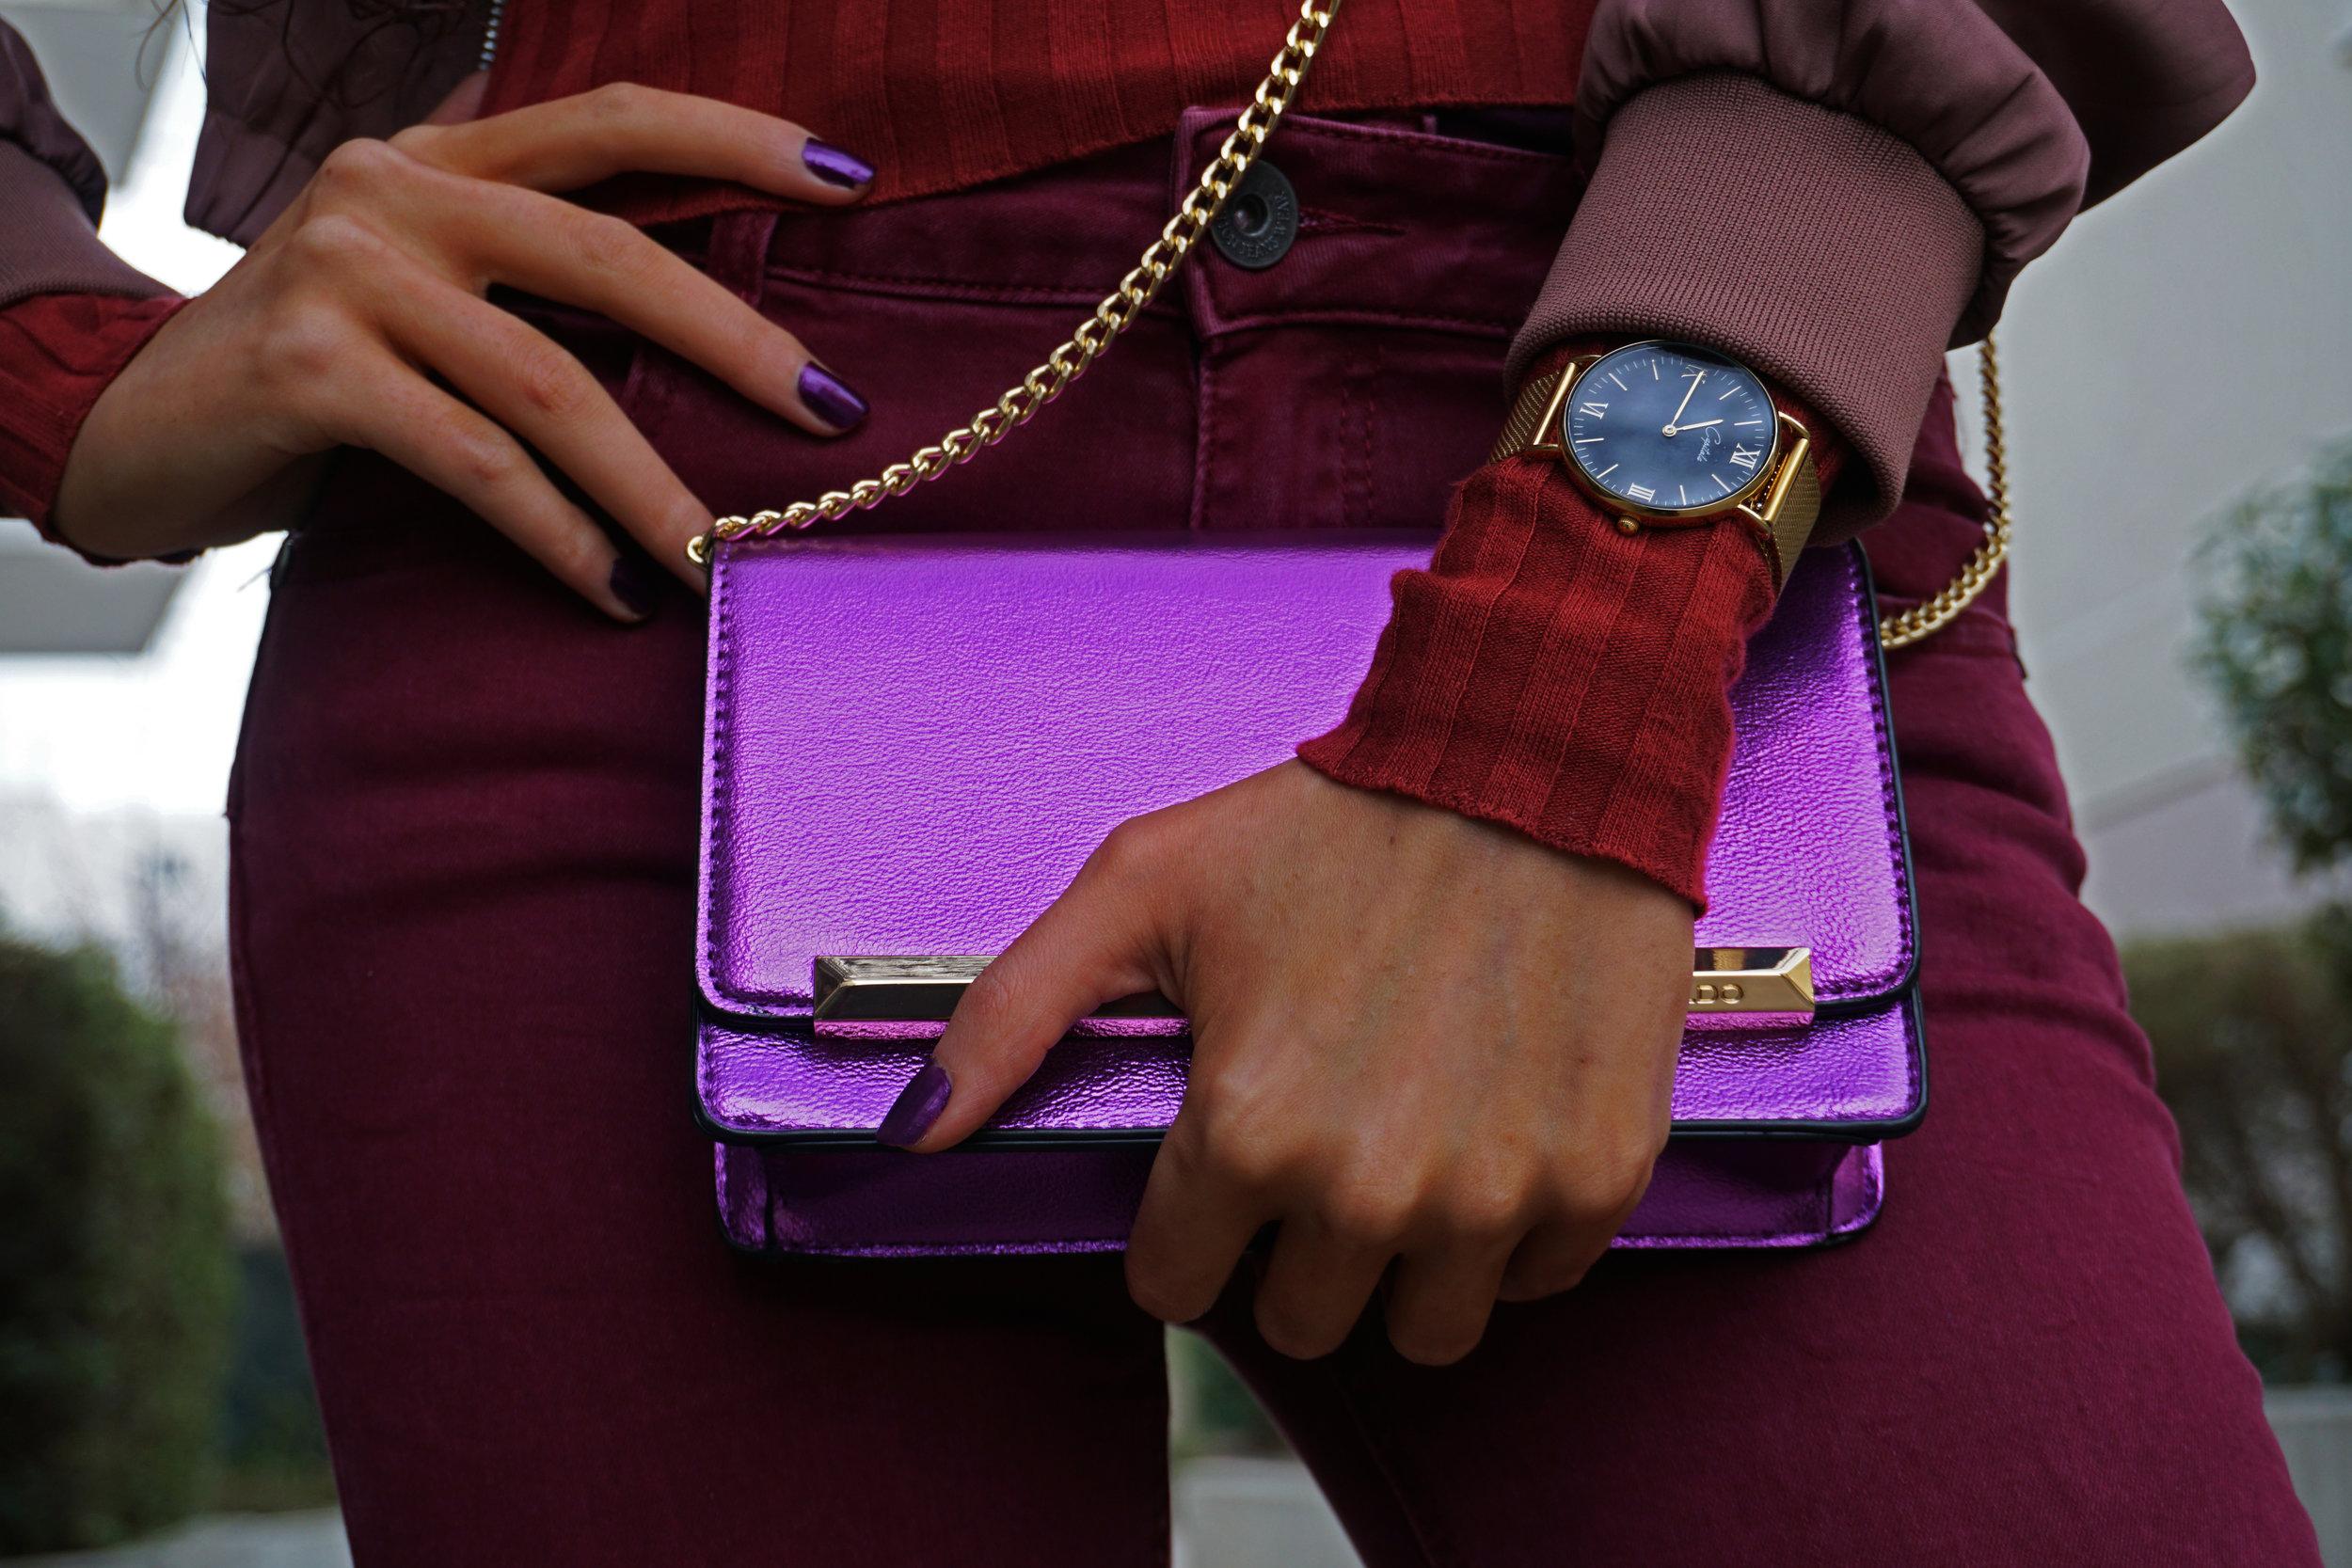 Aldo purple metallic purse - capitola watch